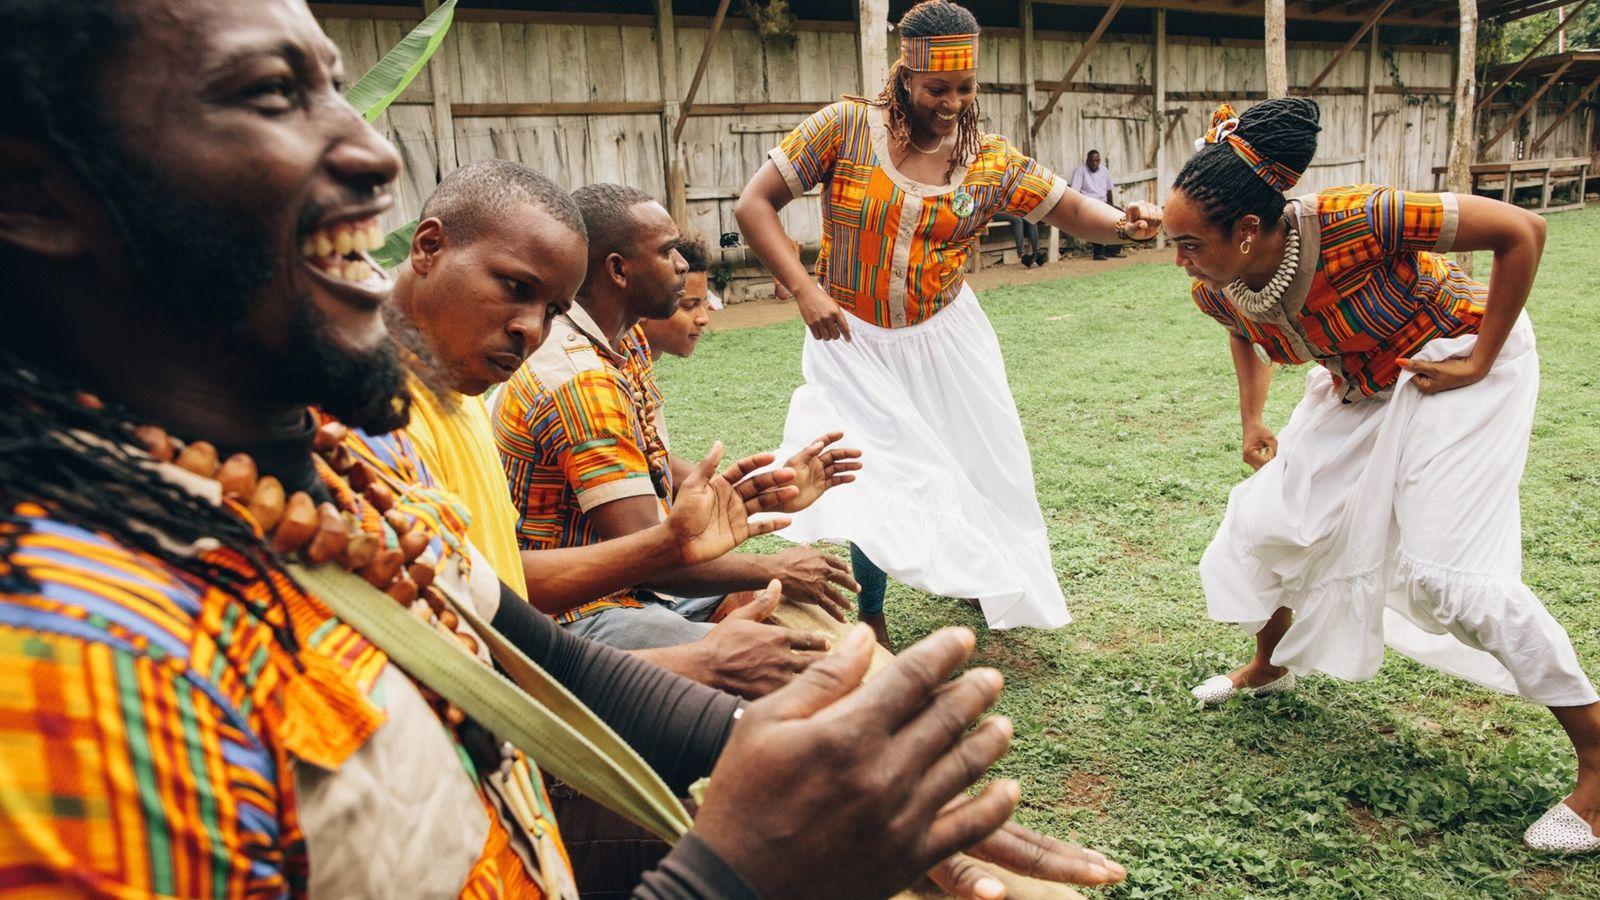 Dancing in the Asafu Culture Yard